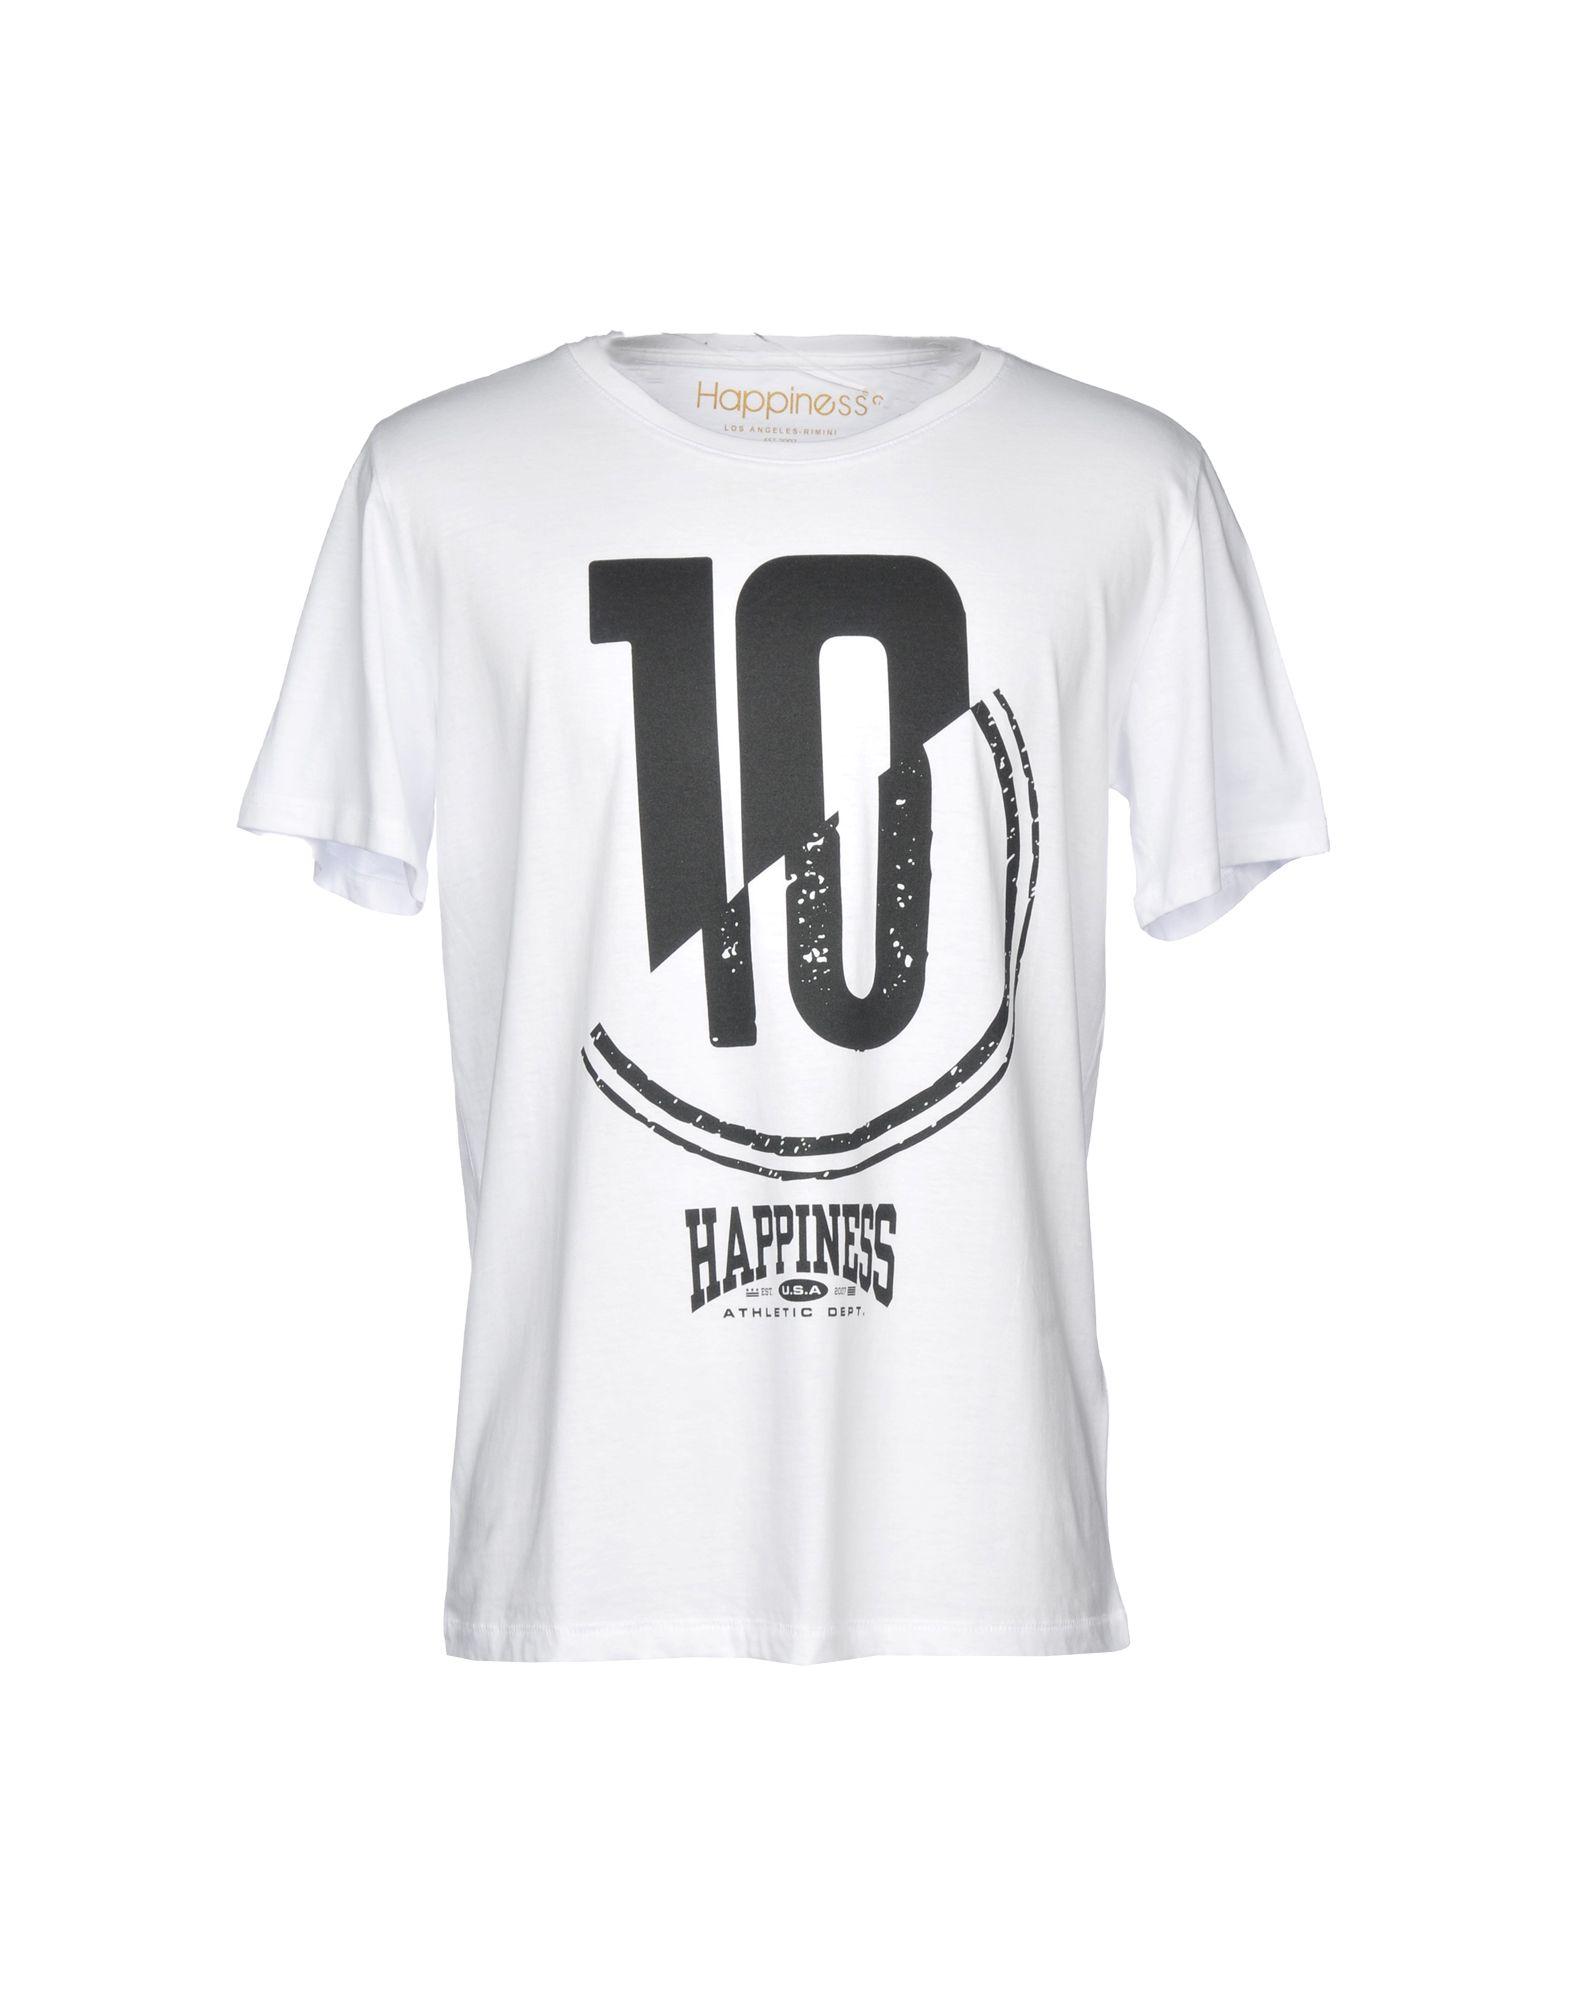 A buon mercato A buon mercato T-Shirt 12206296IO Happiness Uomo - 12206296IO T-Shirt 6fef2a